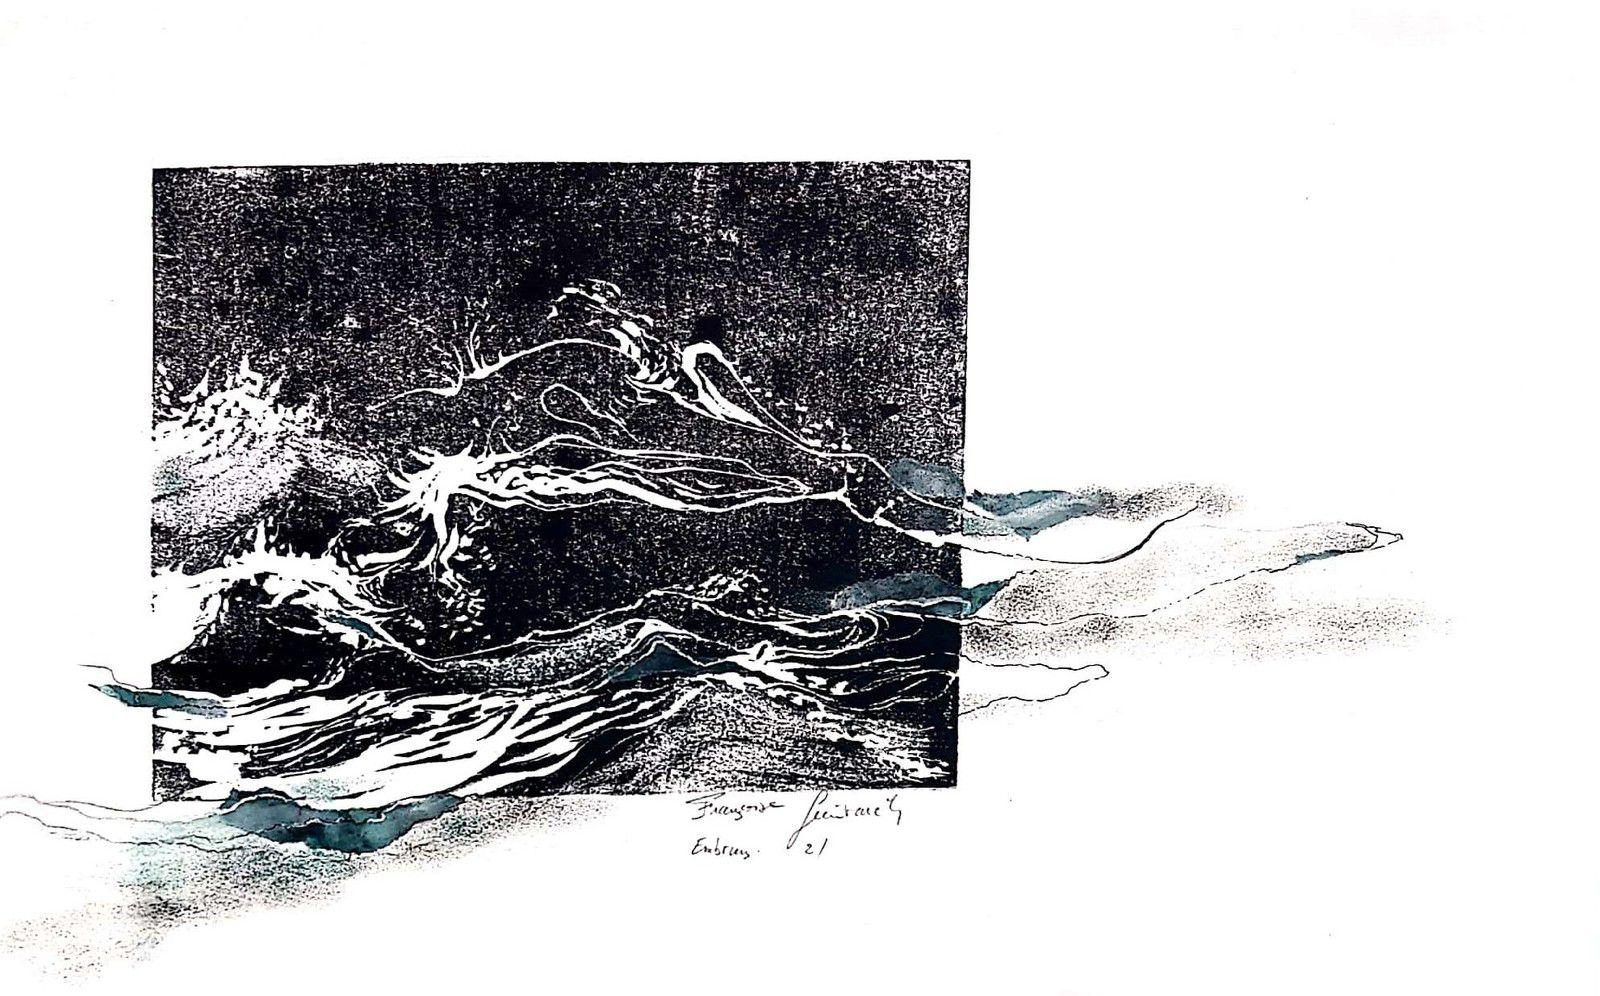 Linogravure 20x25 imprimée sur feuille 51x35 et collage. les embruns 2.